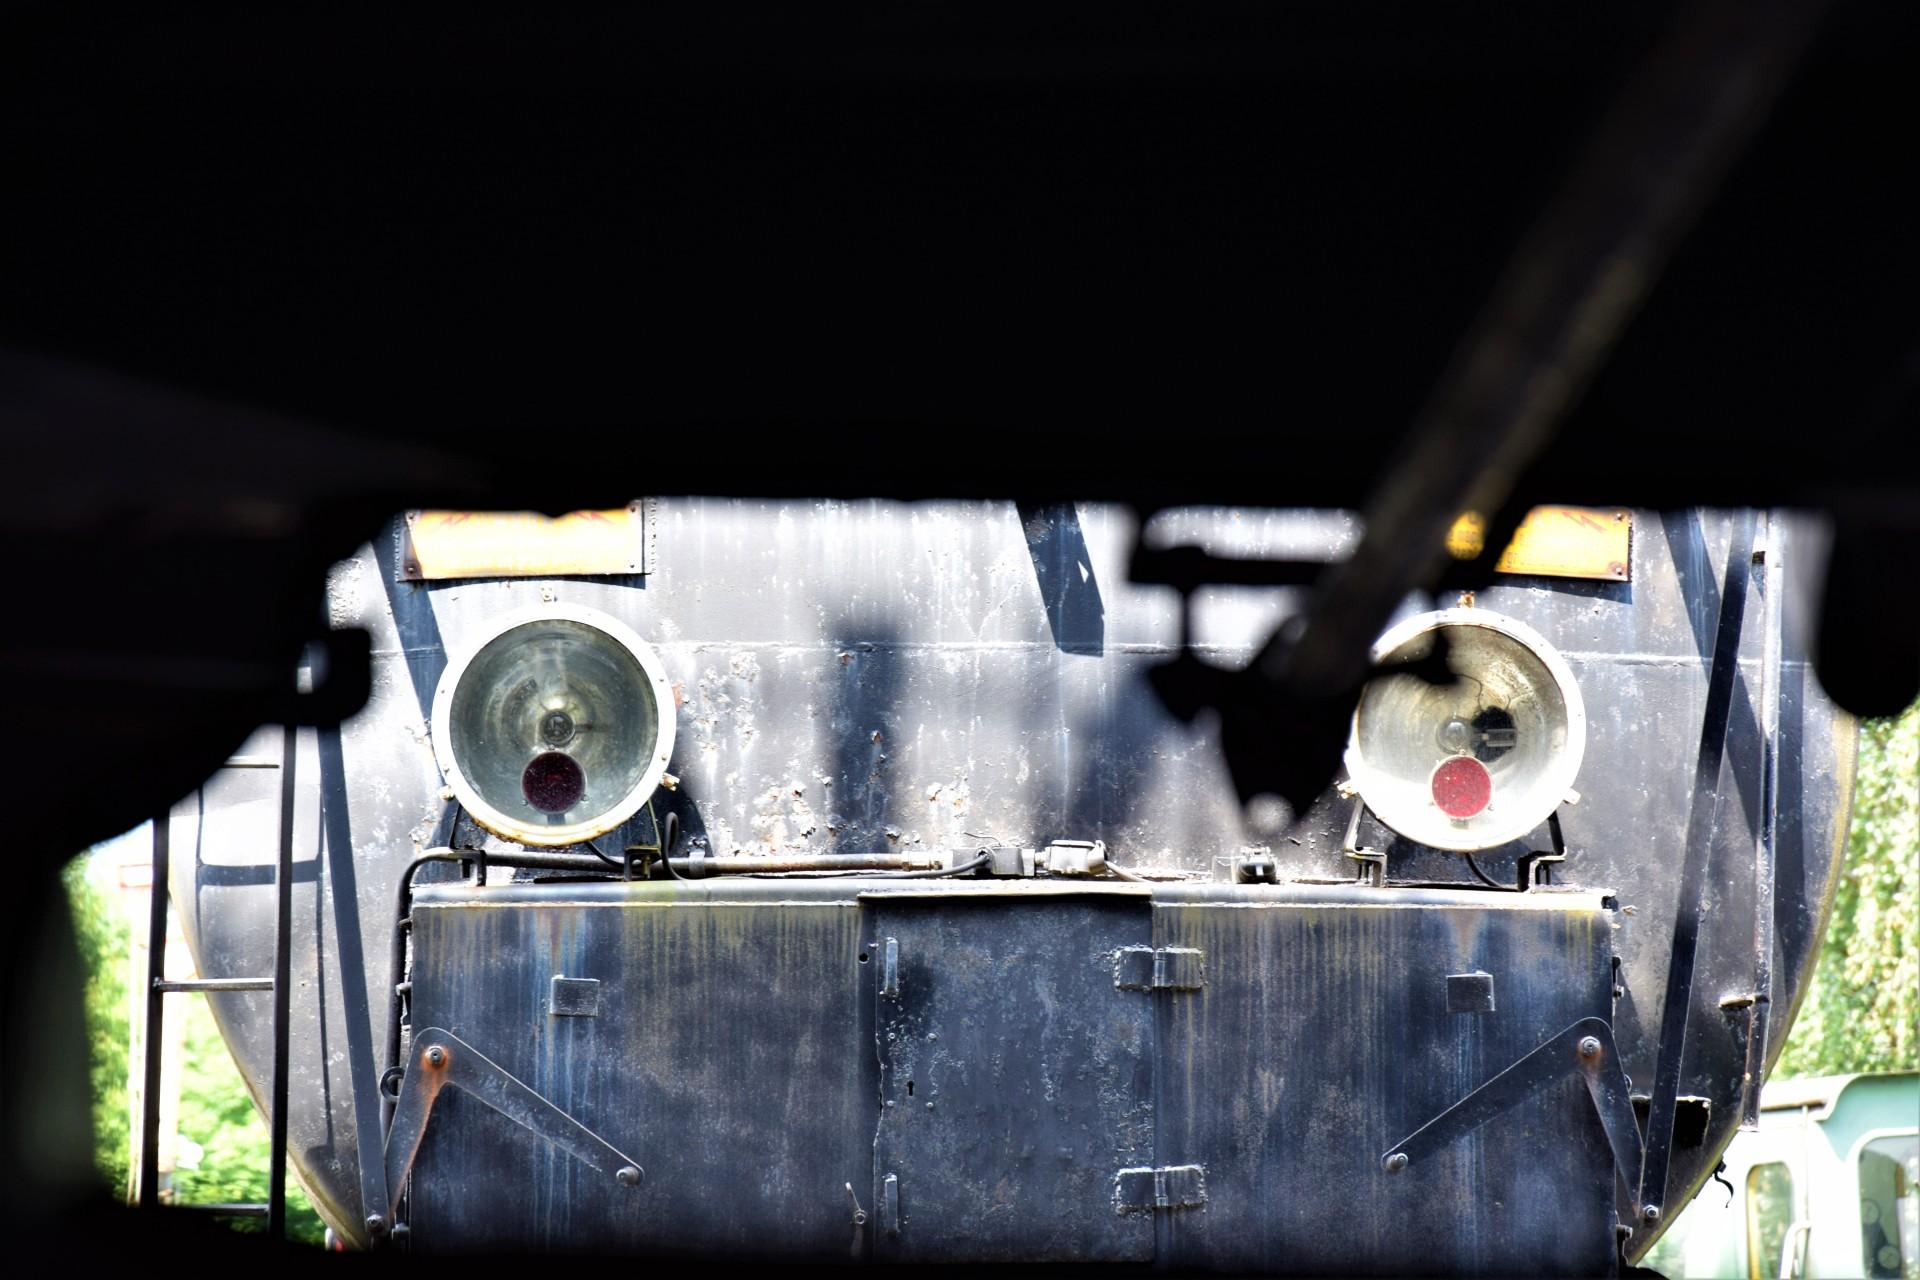 Kościerzyna. Muzeum Kolejnictwa. Para – buch! Koła – w ruch! 16